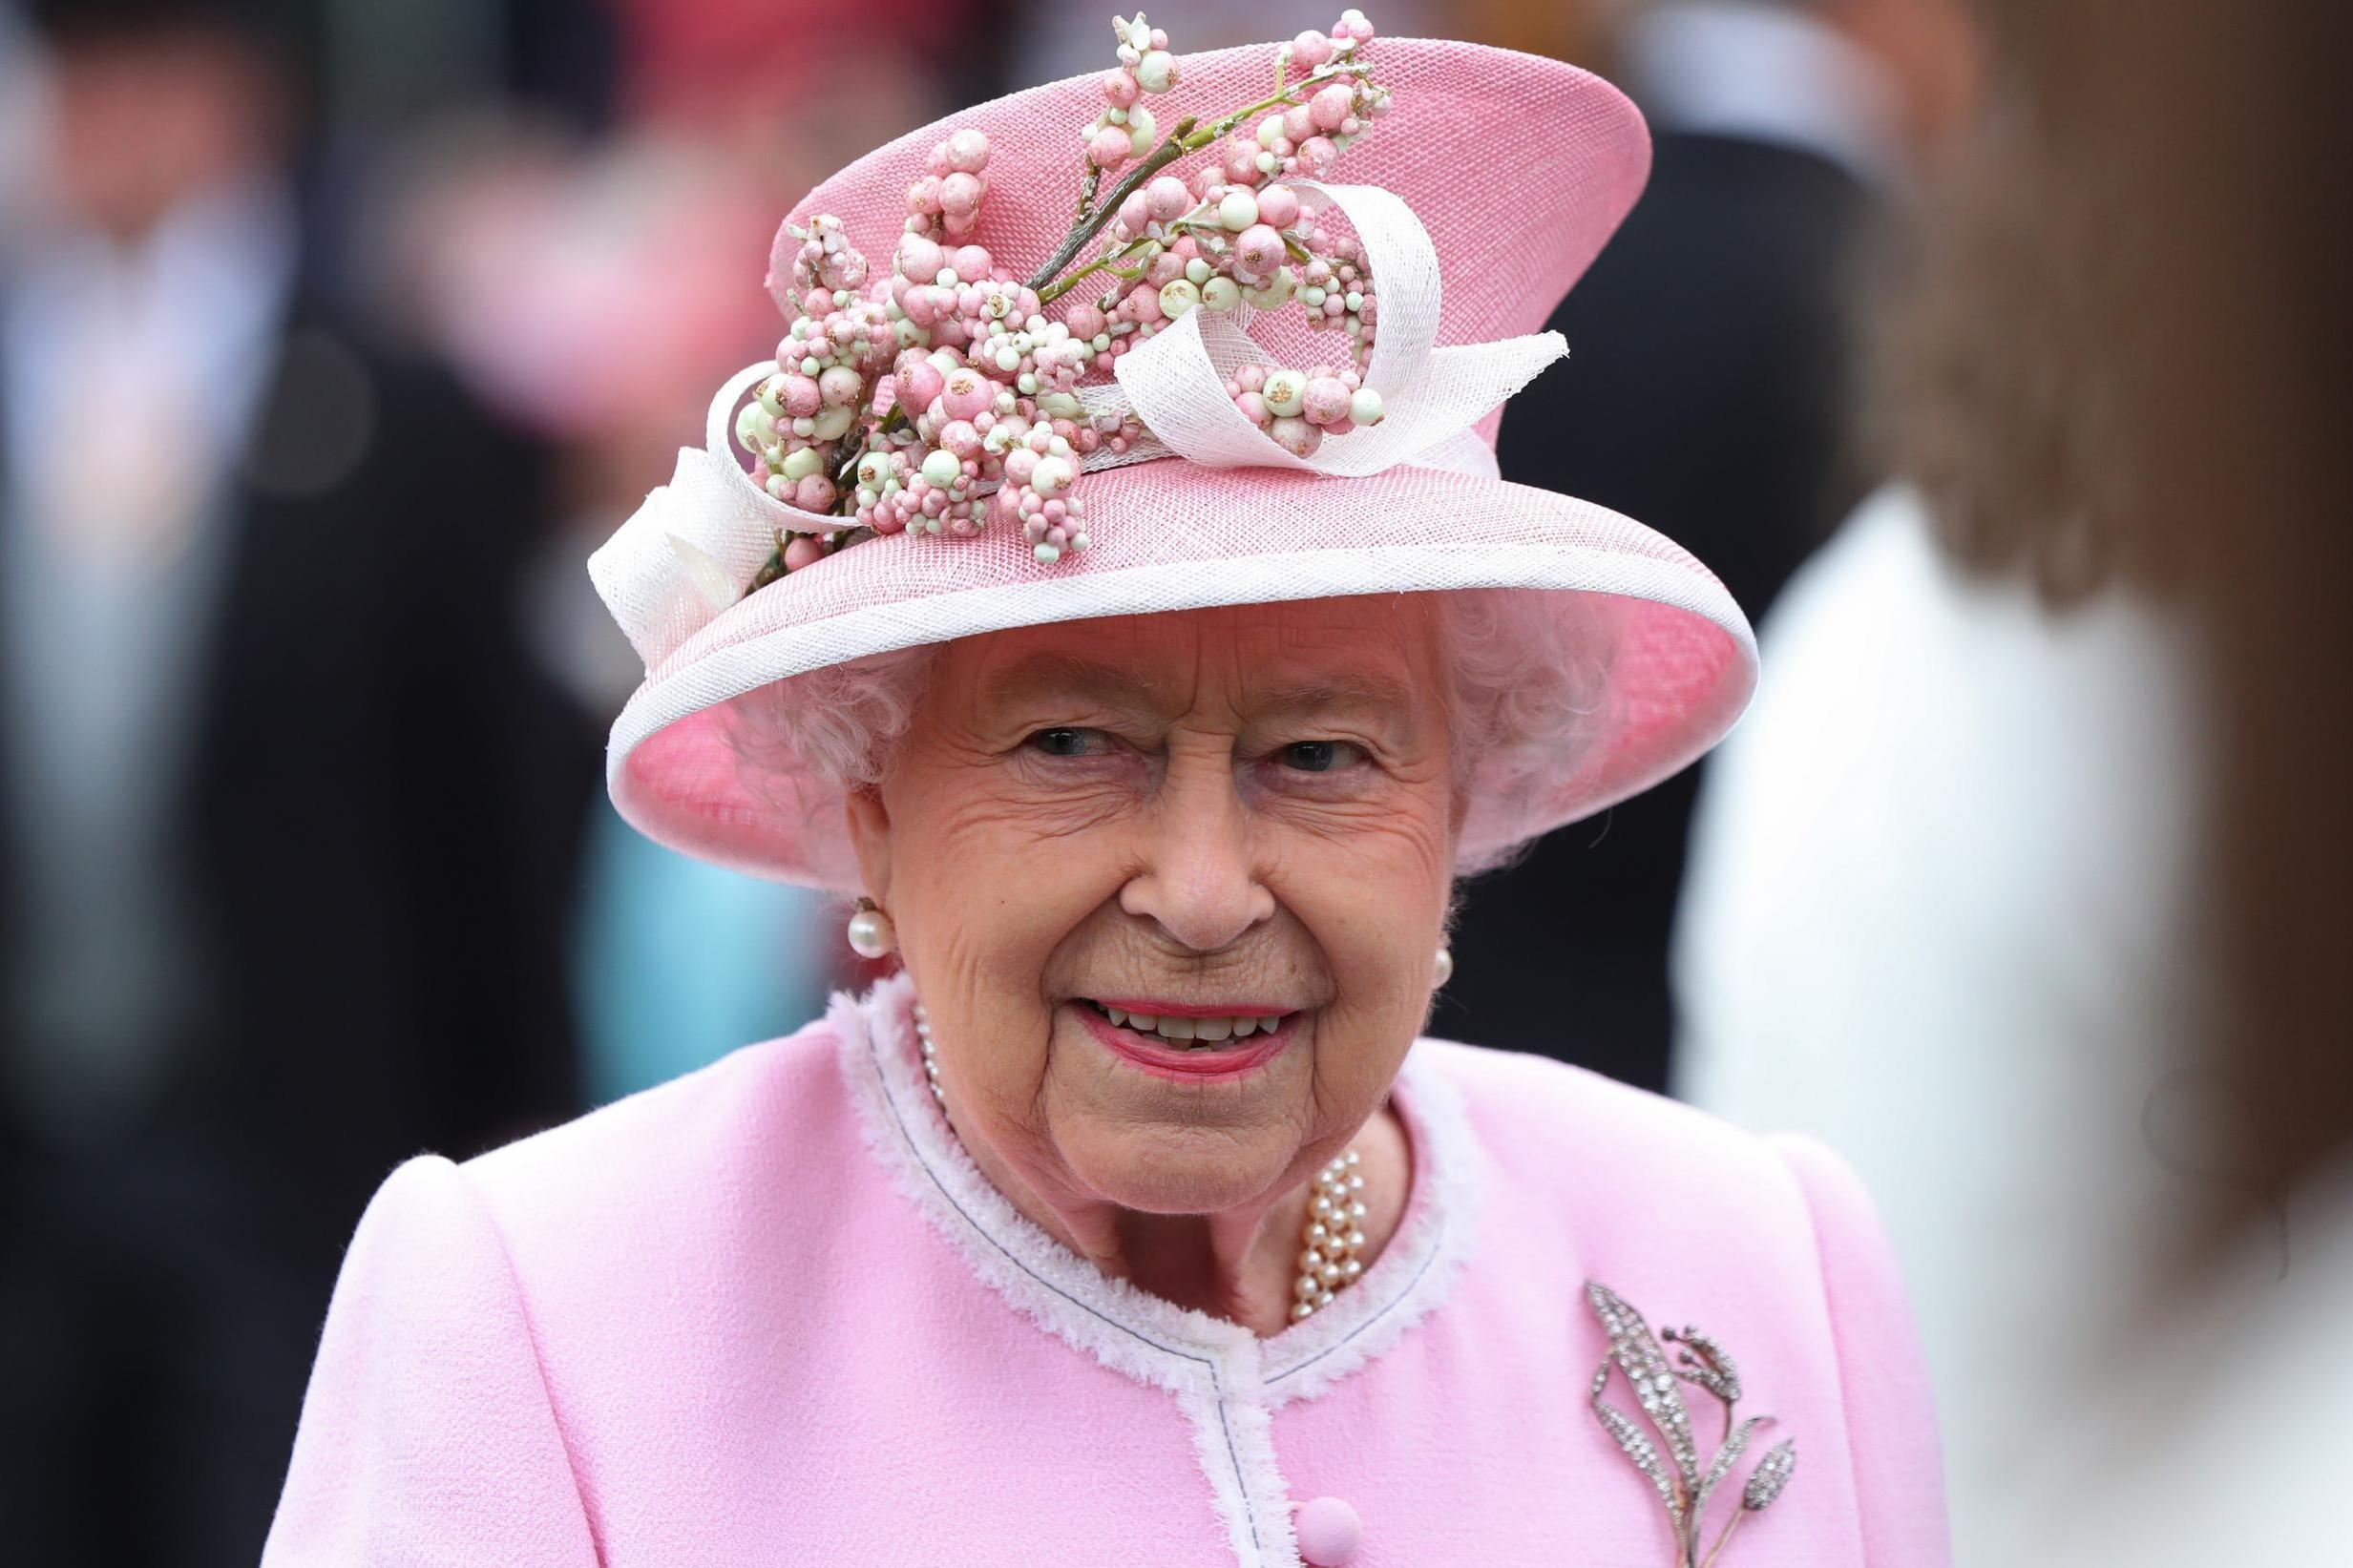 Kraliçe Elizabeth'in sahip olduğu unvanlar